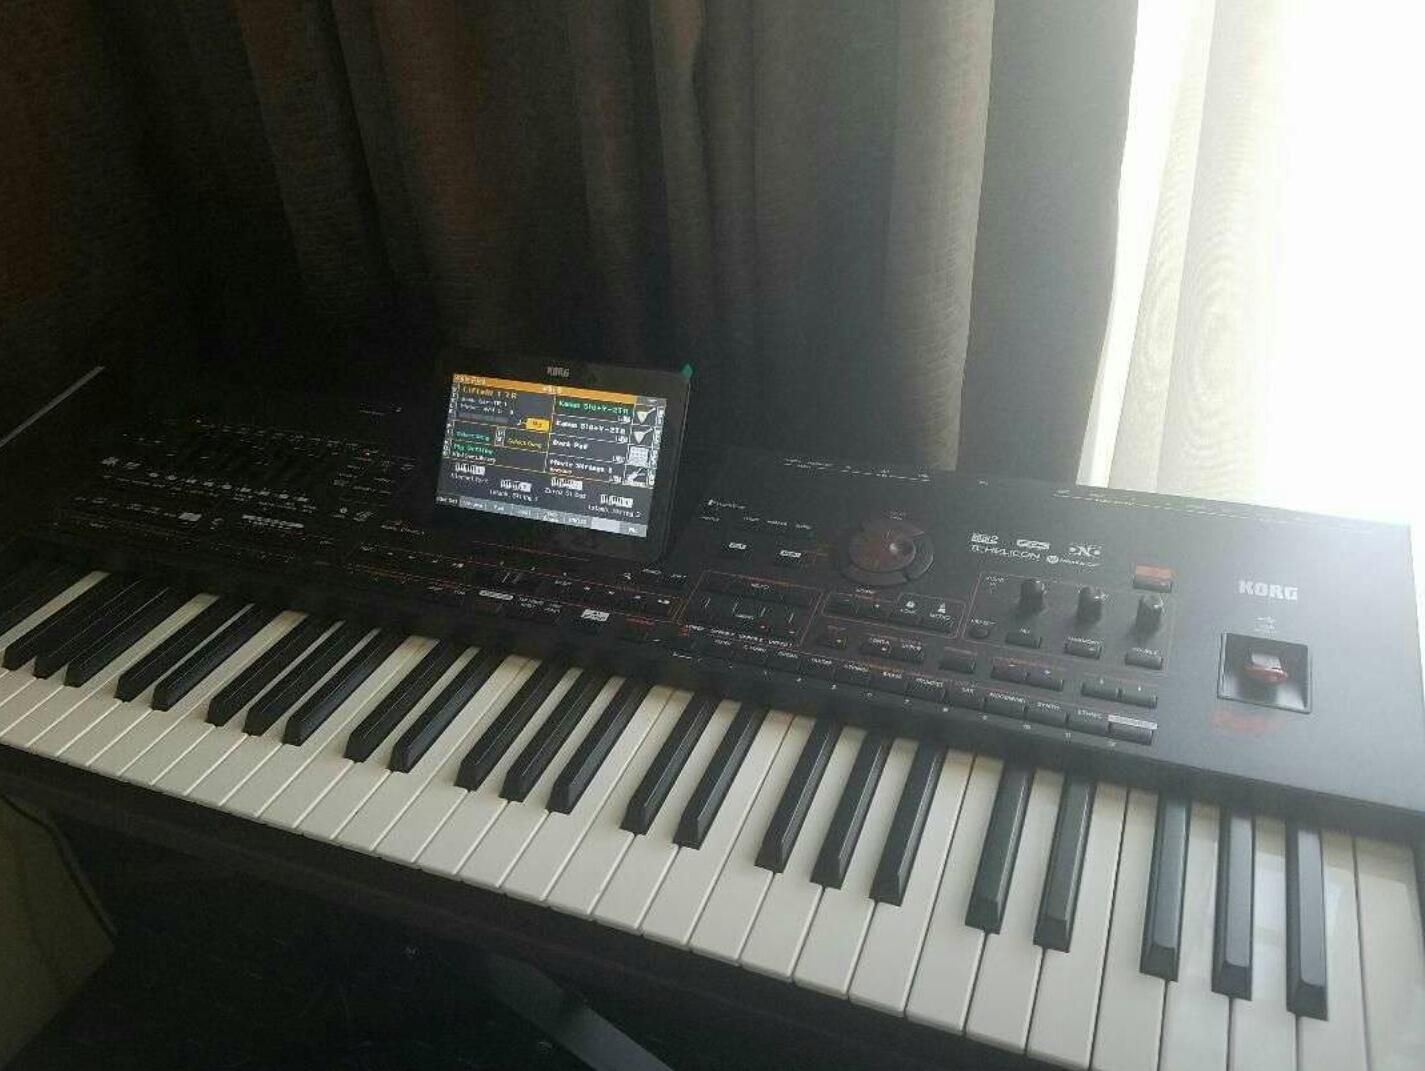 KORG PA4X 61 arranger workstation keyboard